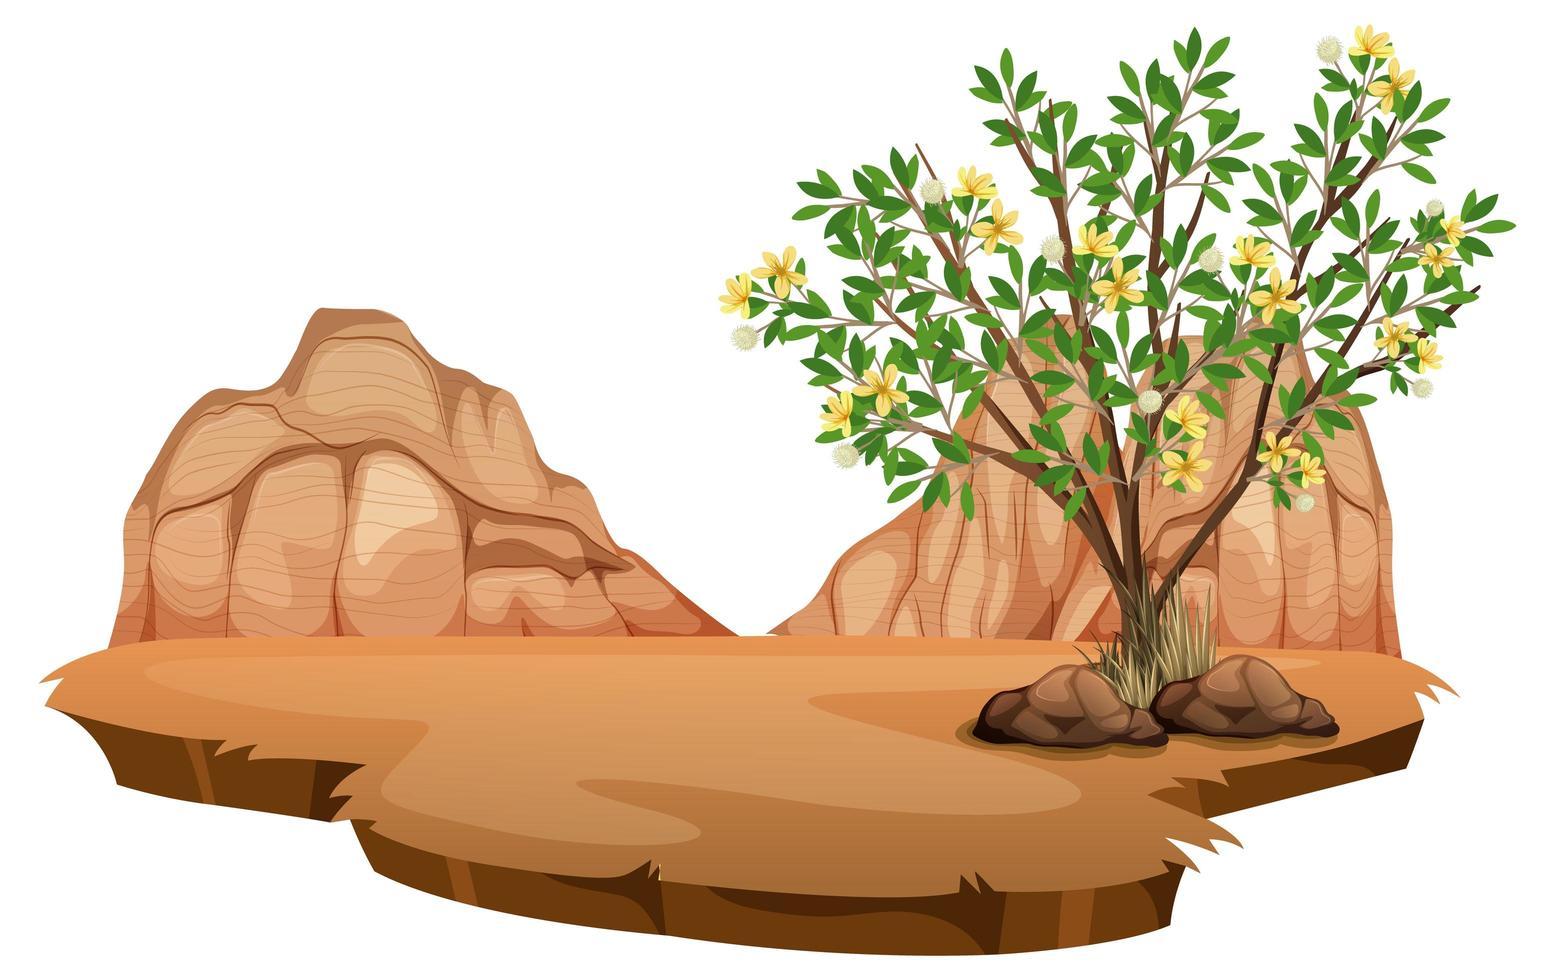 Kreosot Buschpflanze in der wilden Wüste vektor